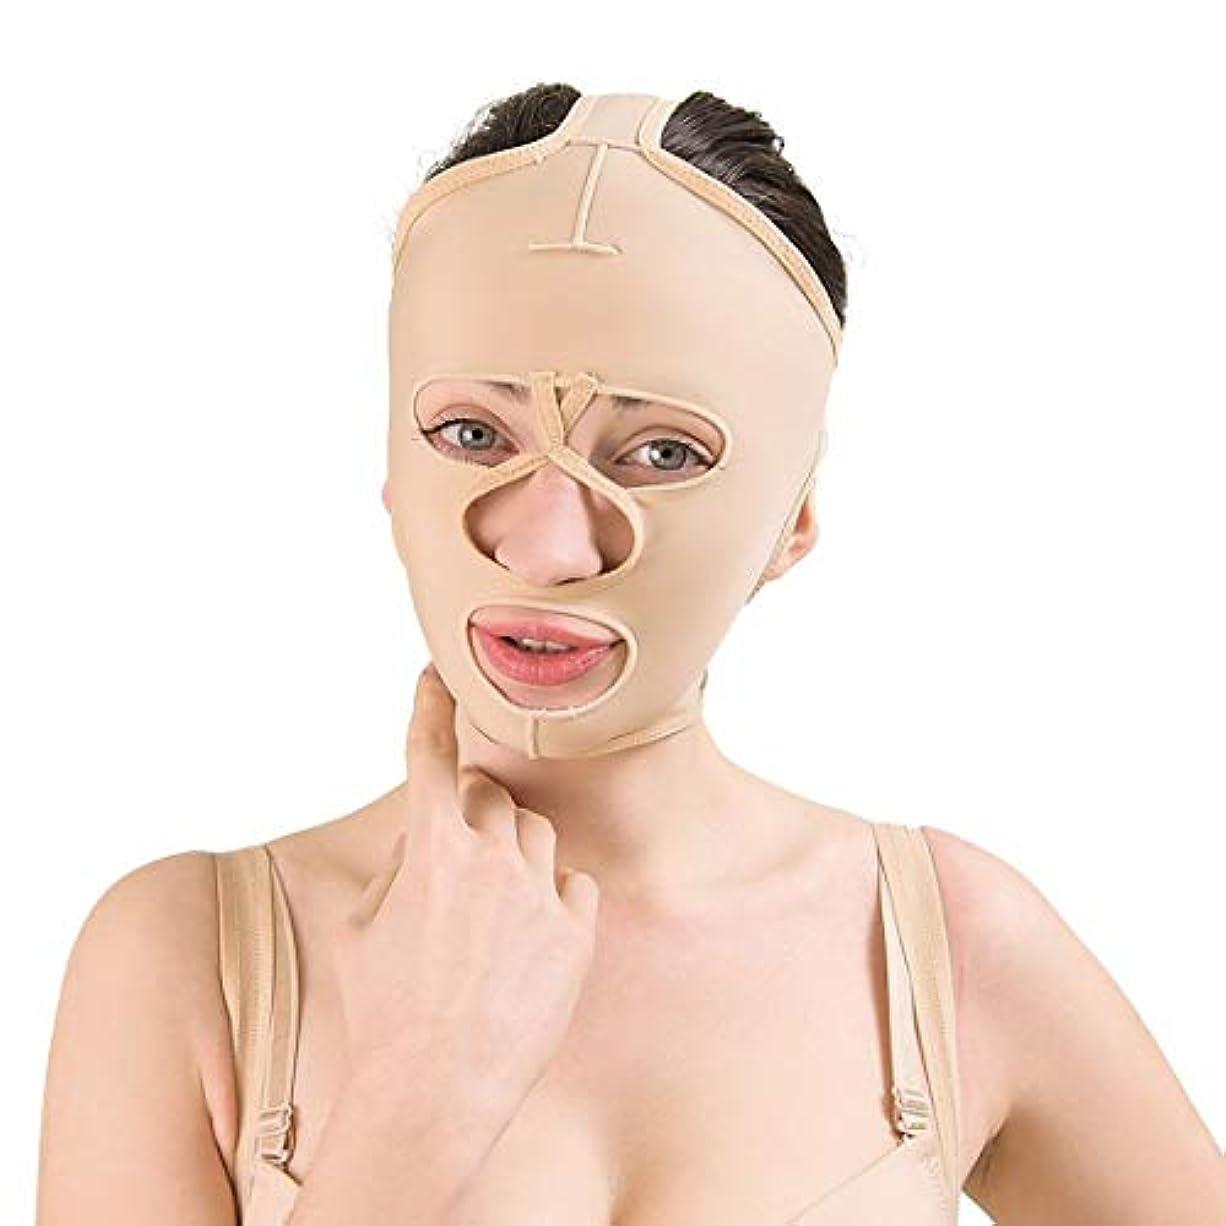 ノイズ警告映画ZWBD フェイスマスク, フェイスリフト包帯医療弾性スリーブ顔面下顎形成外科術後圧縮下顎スリーブ補助修復マスクしわを削除する (Size : S)